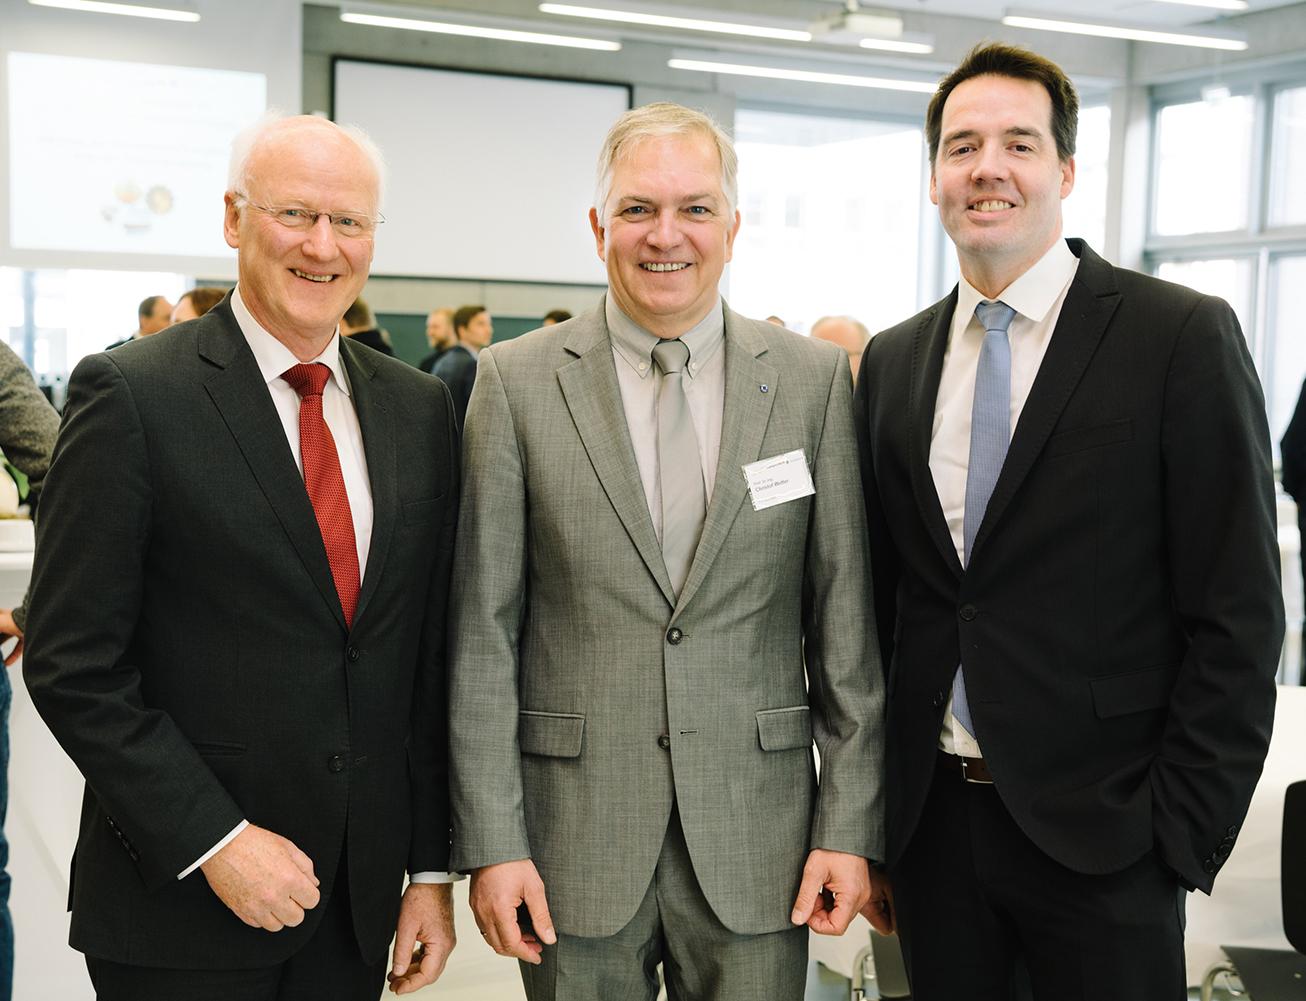 Frank-Michael Baumann, Prof. Dr. Christof Wetter und Vizepräsident Carsten Schröder